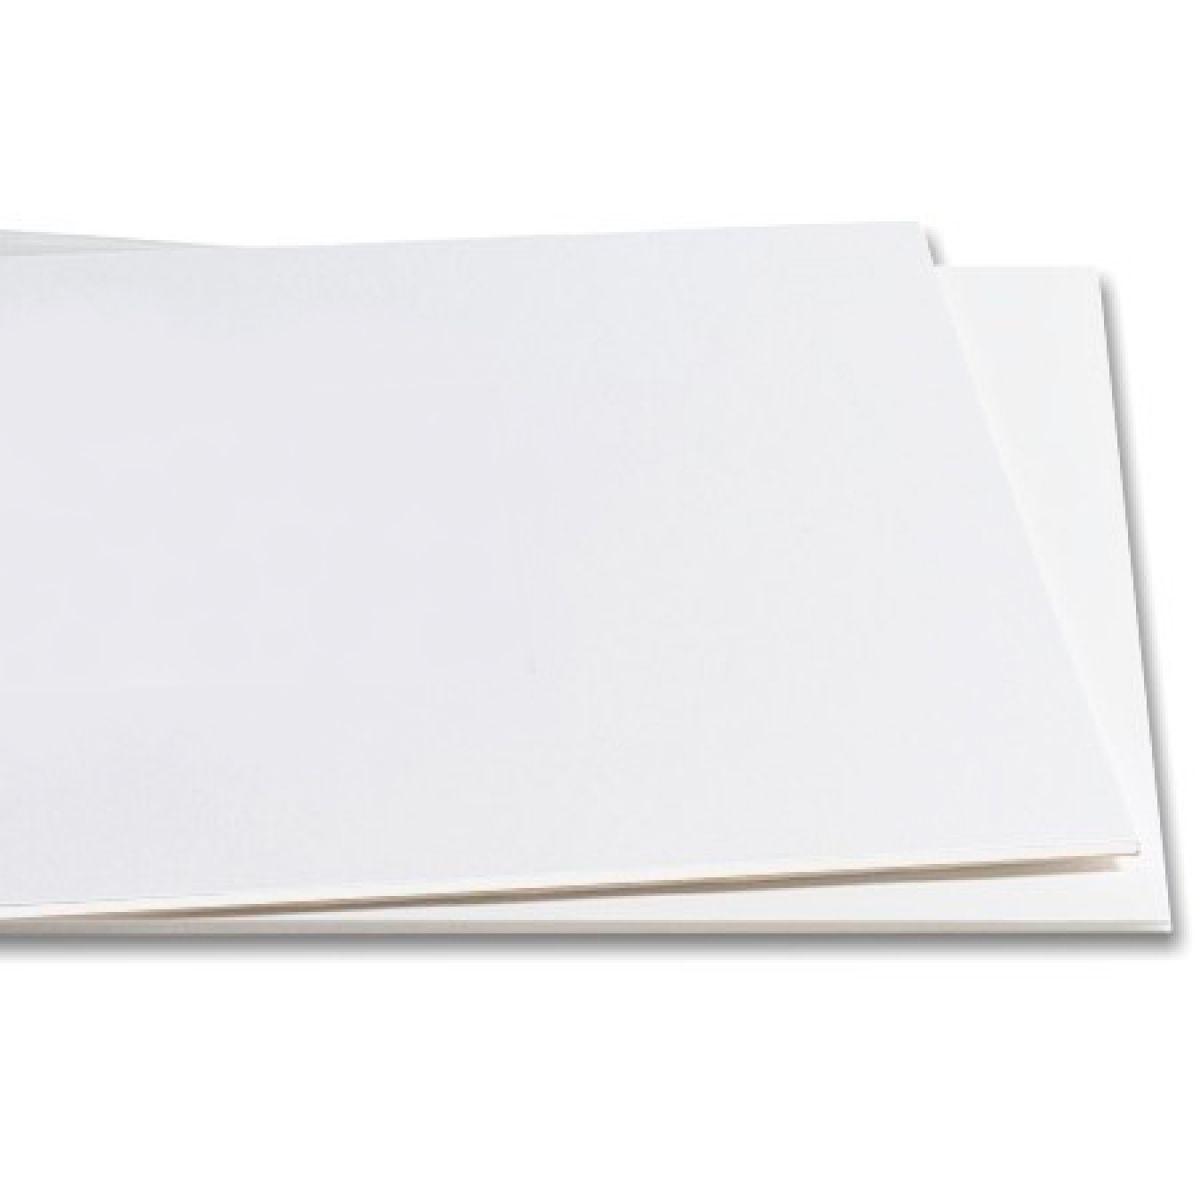 Papel Couche Brilho 115g A4 Embalagem Com 050 Folhas Phandora